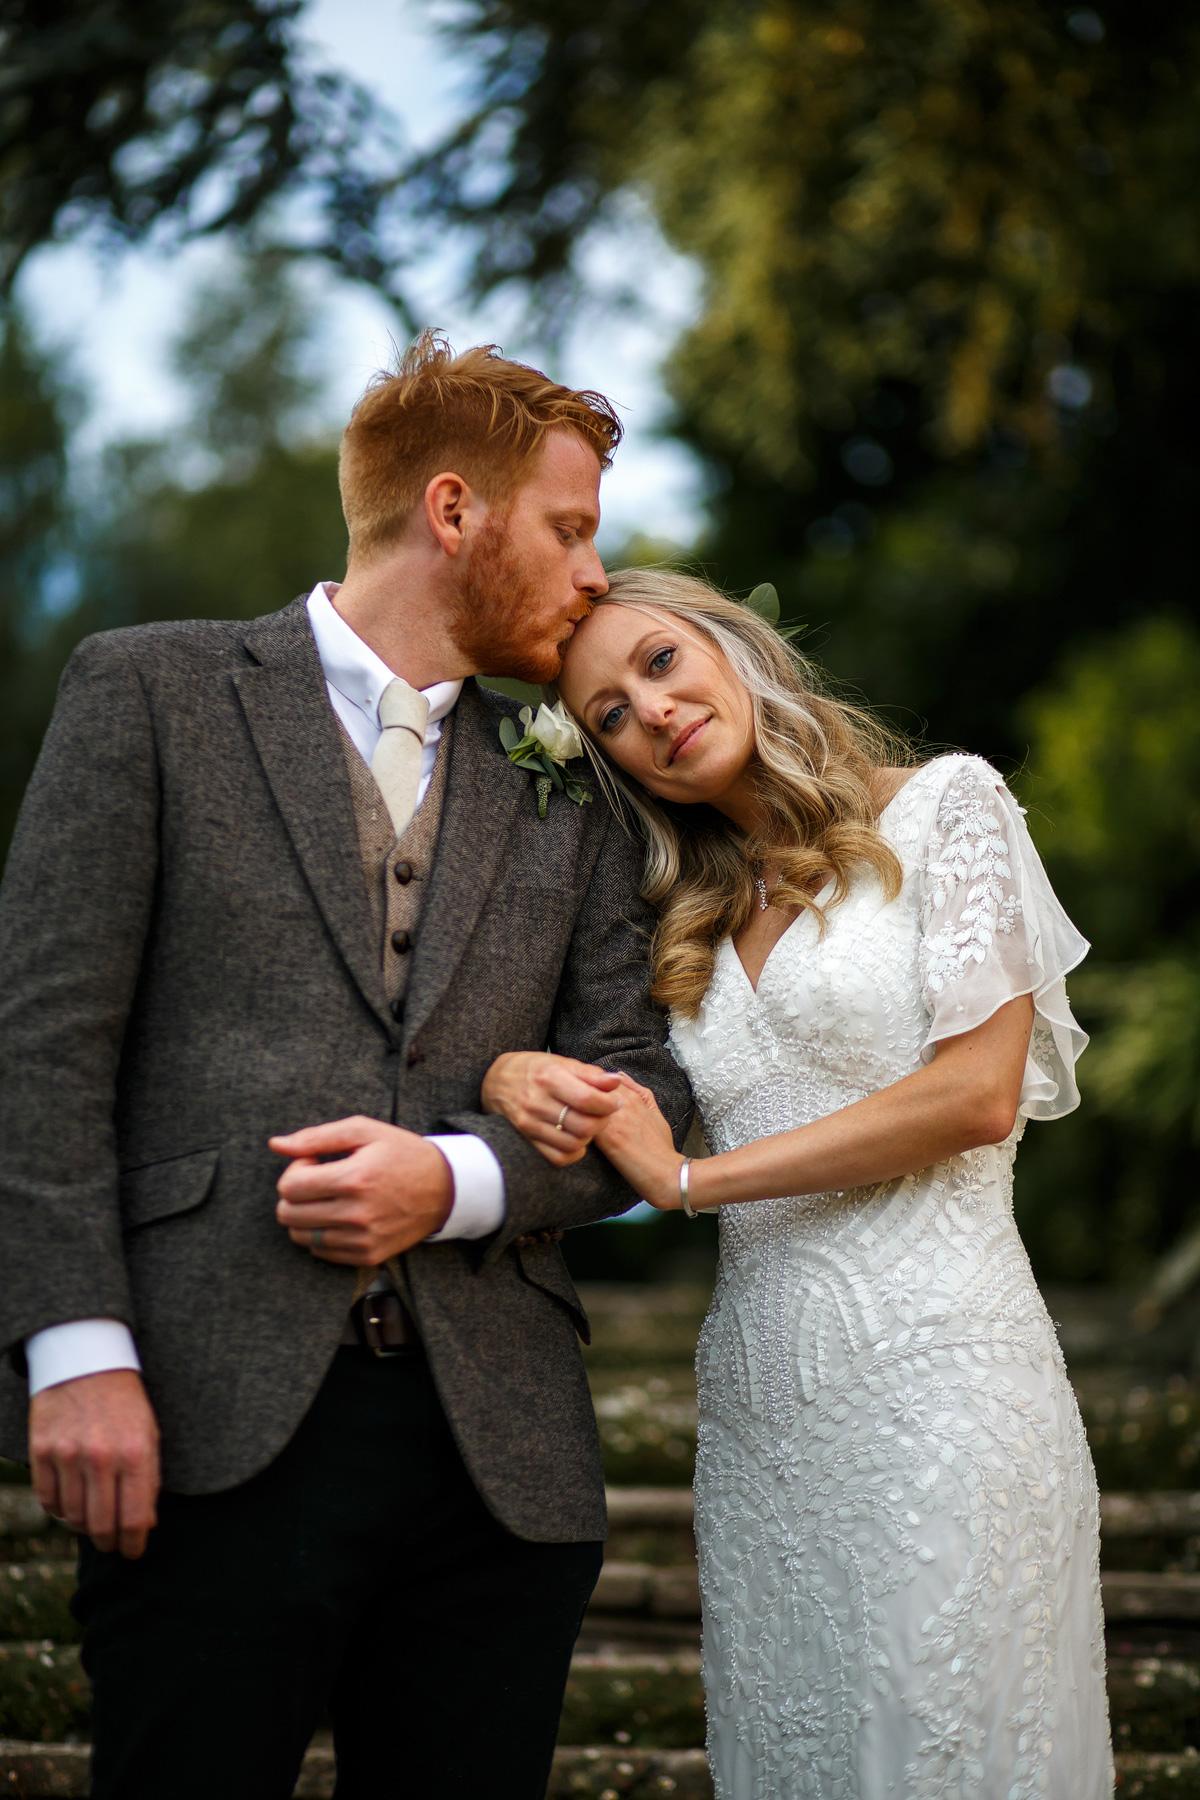 064-somerset-wedding-photographer-matt-bowen-at-the-retreat.jpg